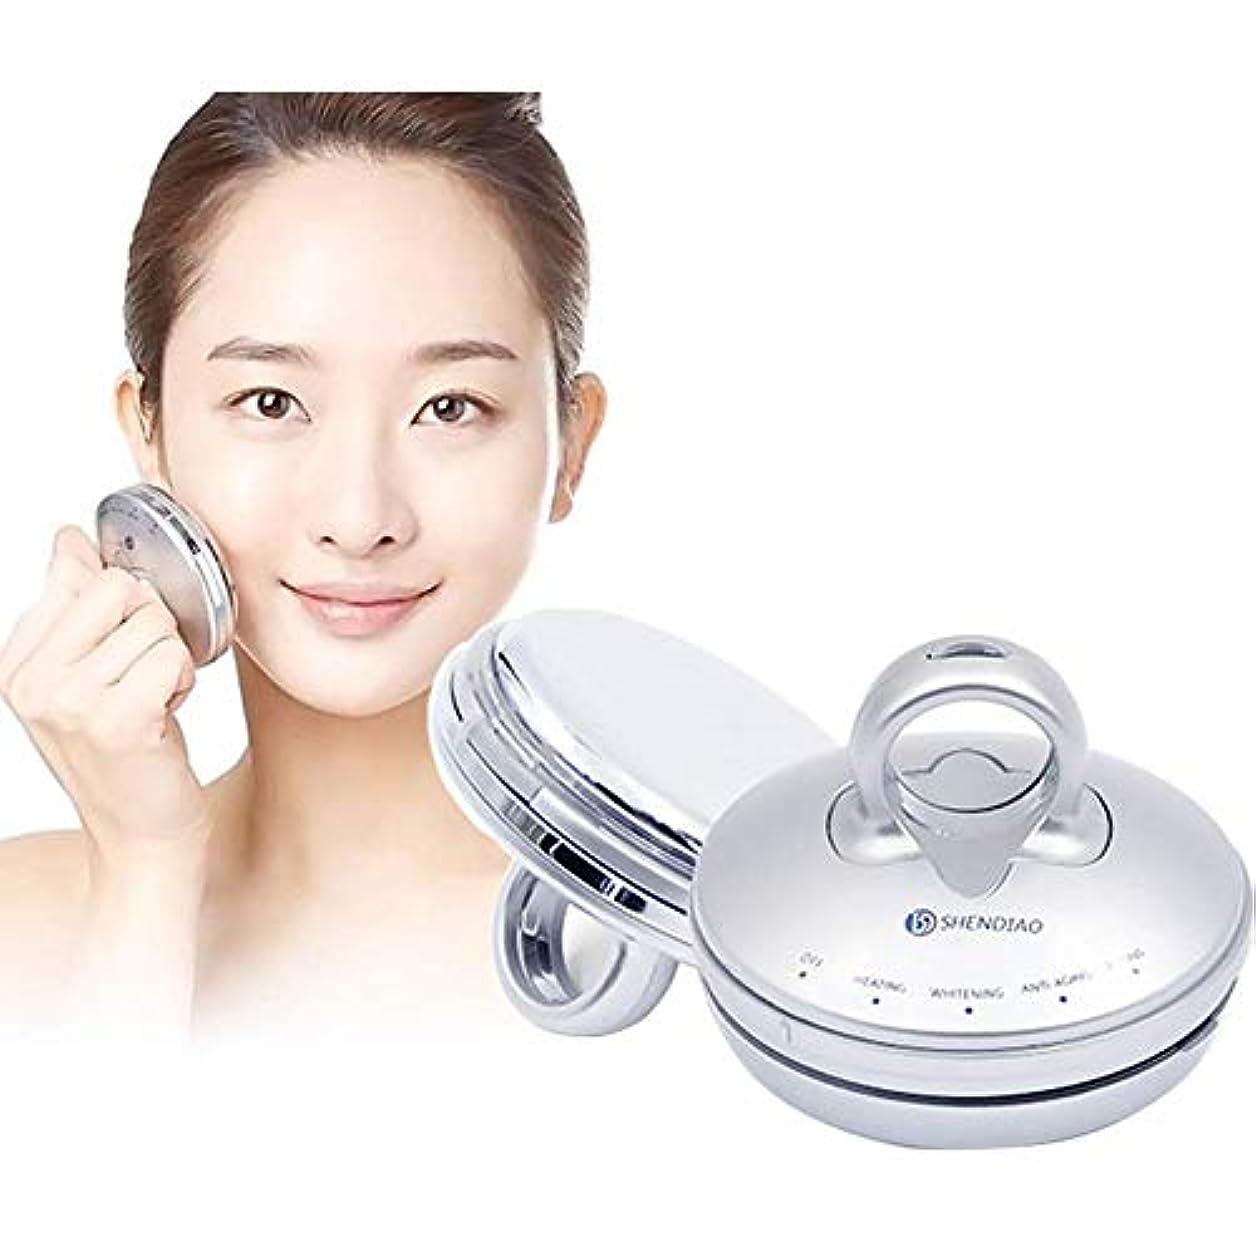 スリチンモイ典型的な選択美のマッサージャー、顔のマッサージャーの振動美装置の顔のしわのスキンケアの上昇の反老化の白くなるマッサージャー